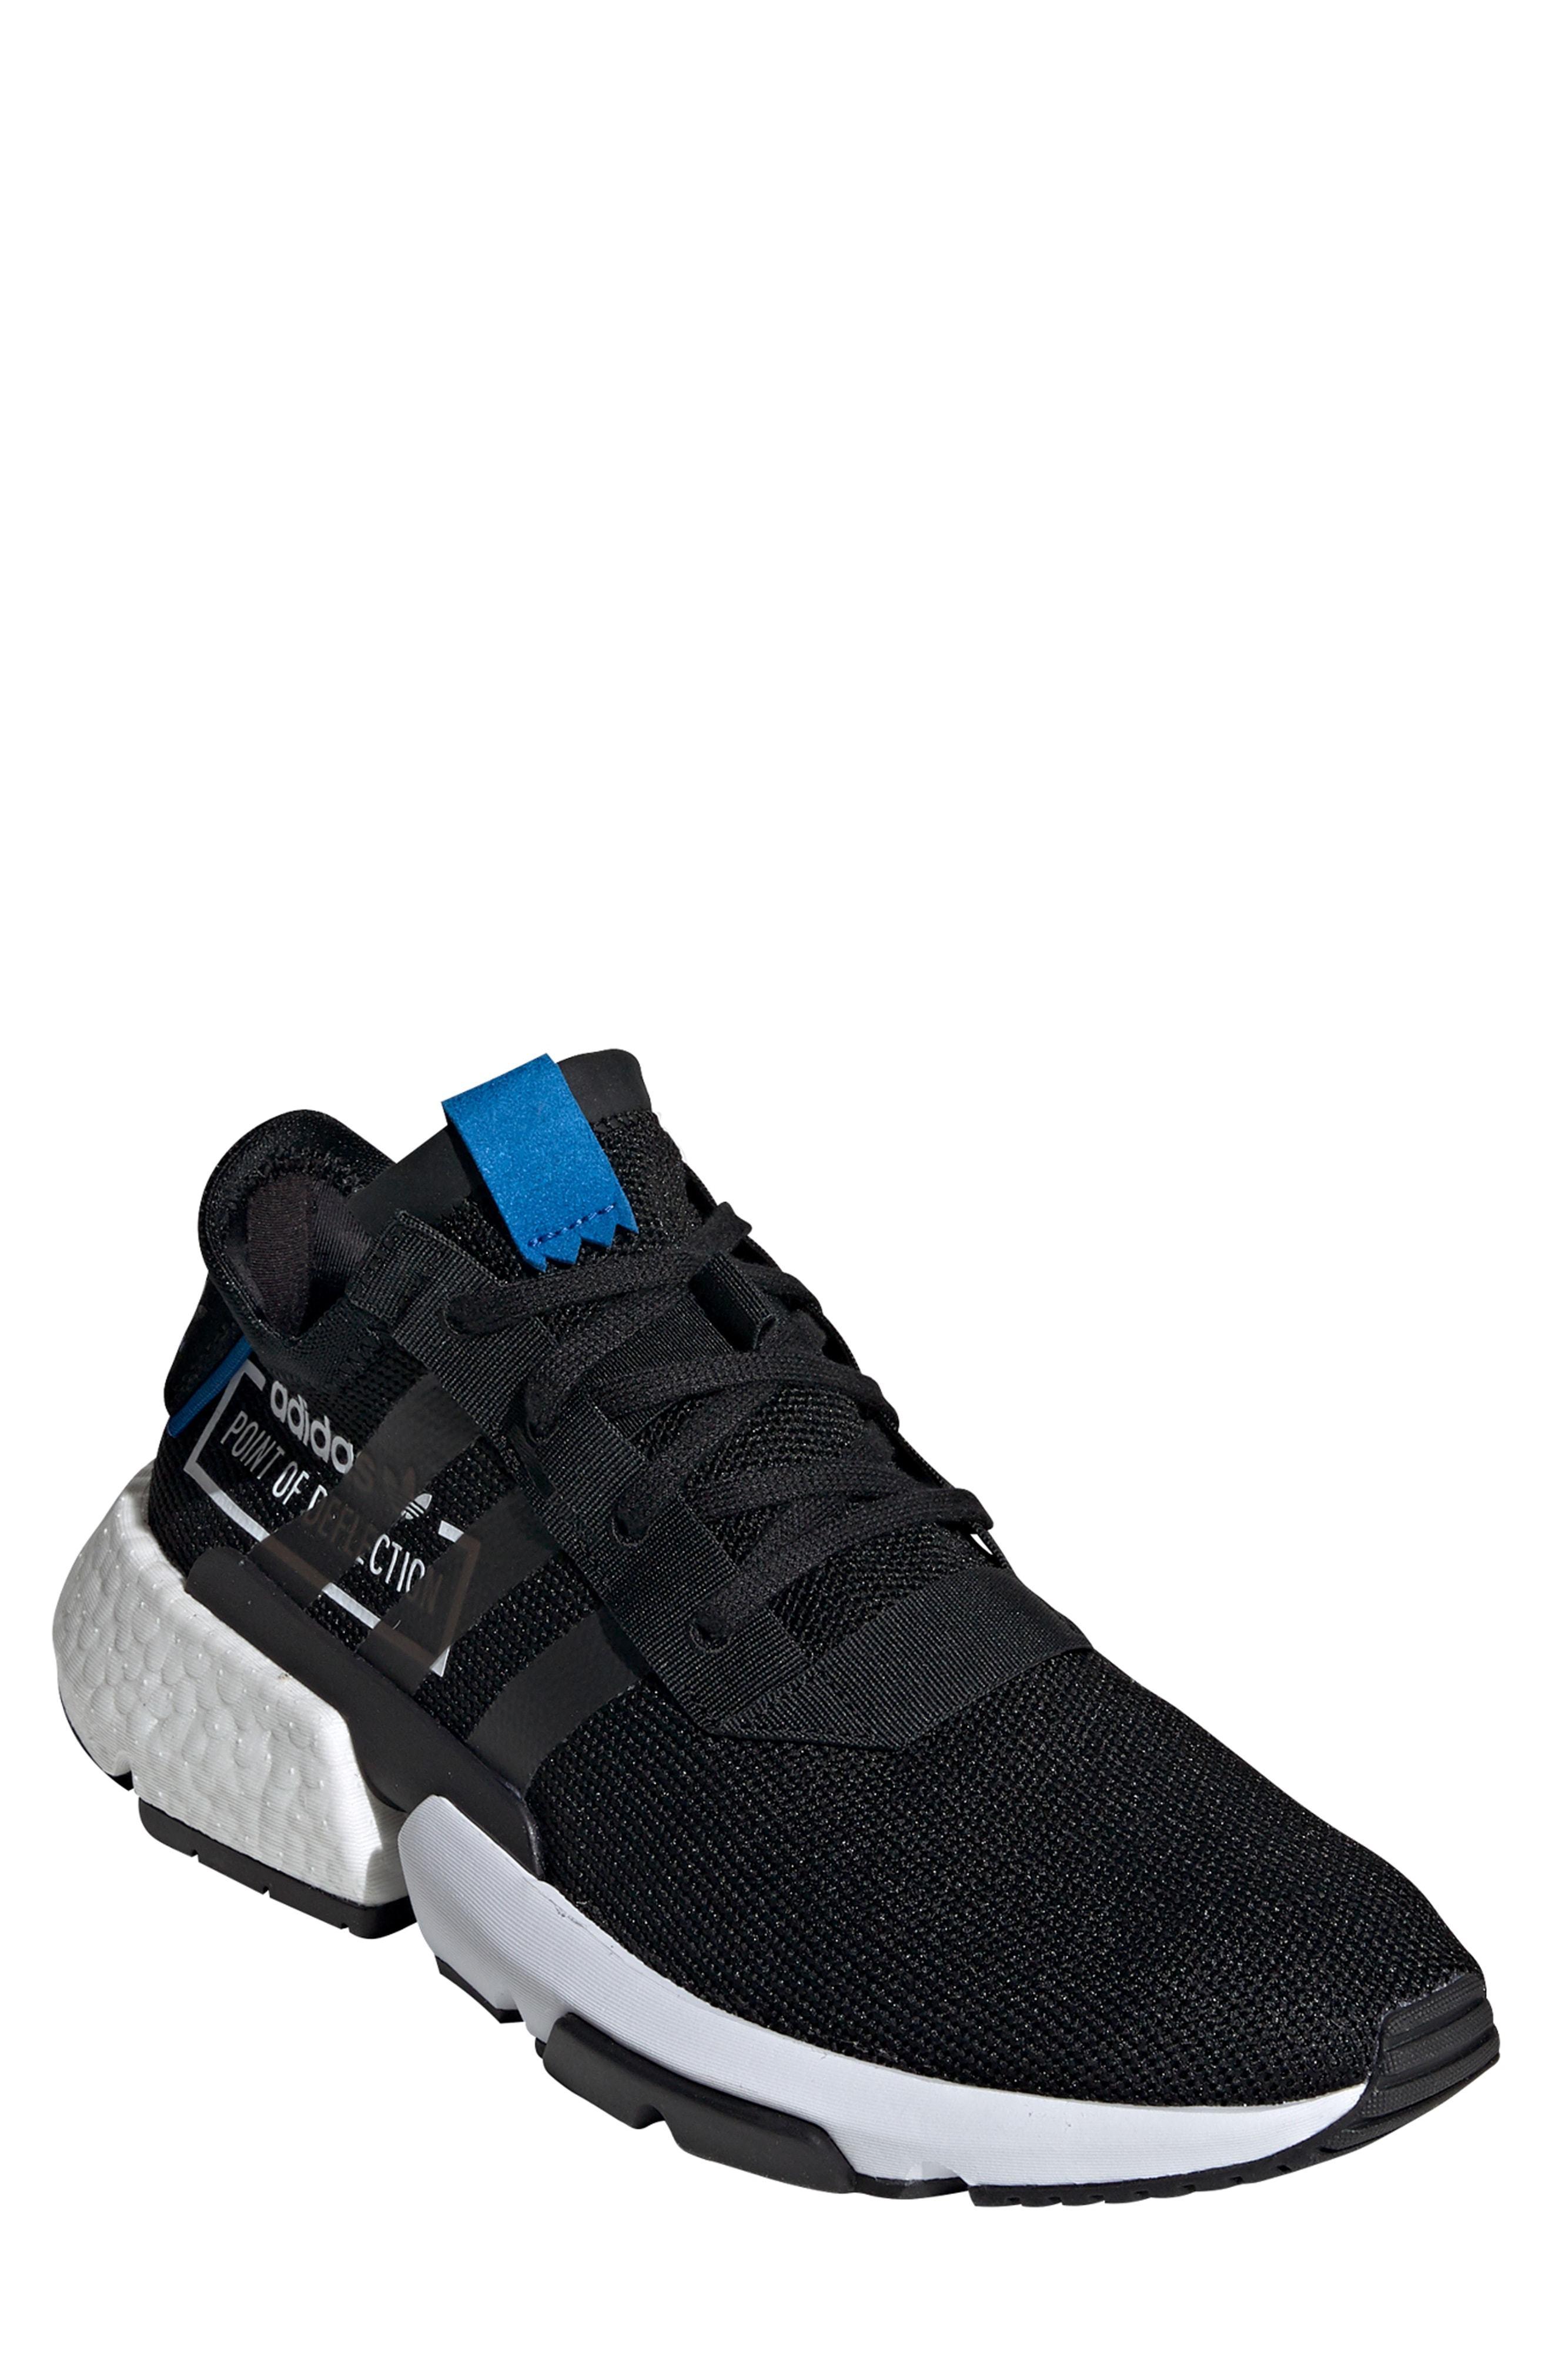 more photos 6facd 53a93 ... adidas Pods31 Sneaker